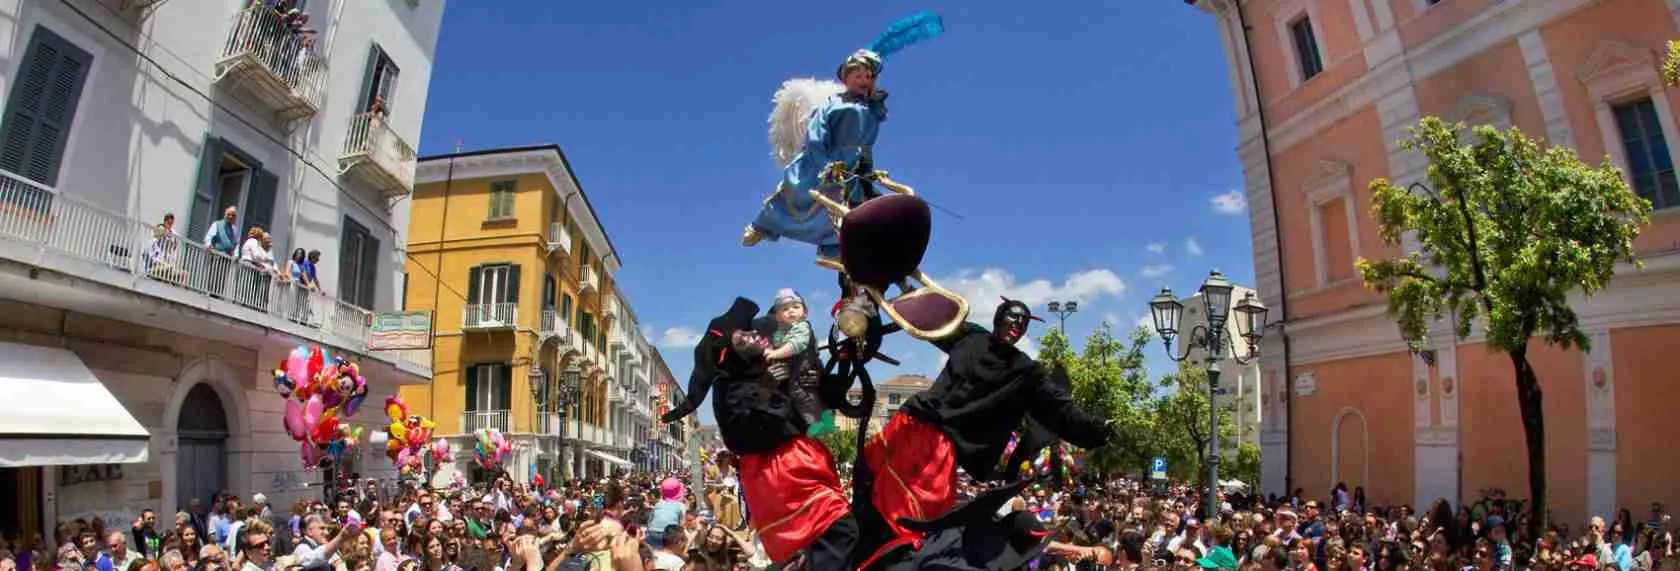 Il Festival dei Misteri di Campobasso piace moltissimo anche alle escort di Campobasso.